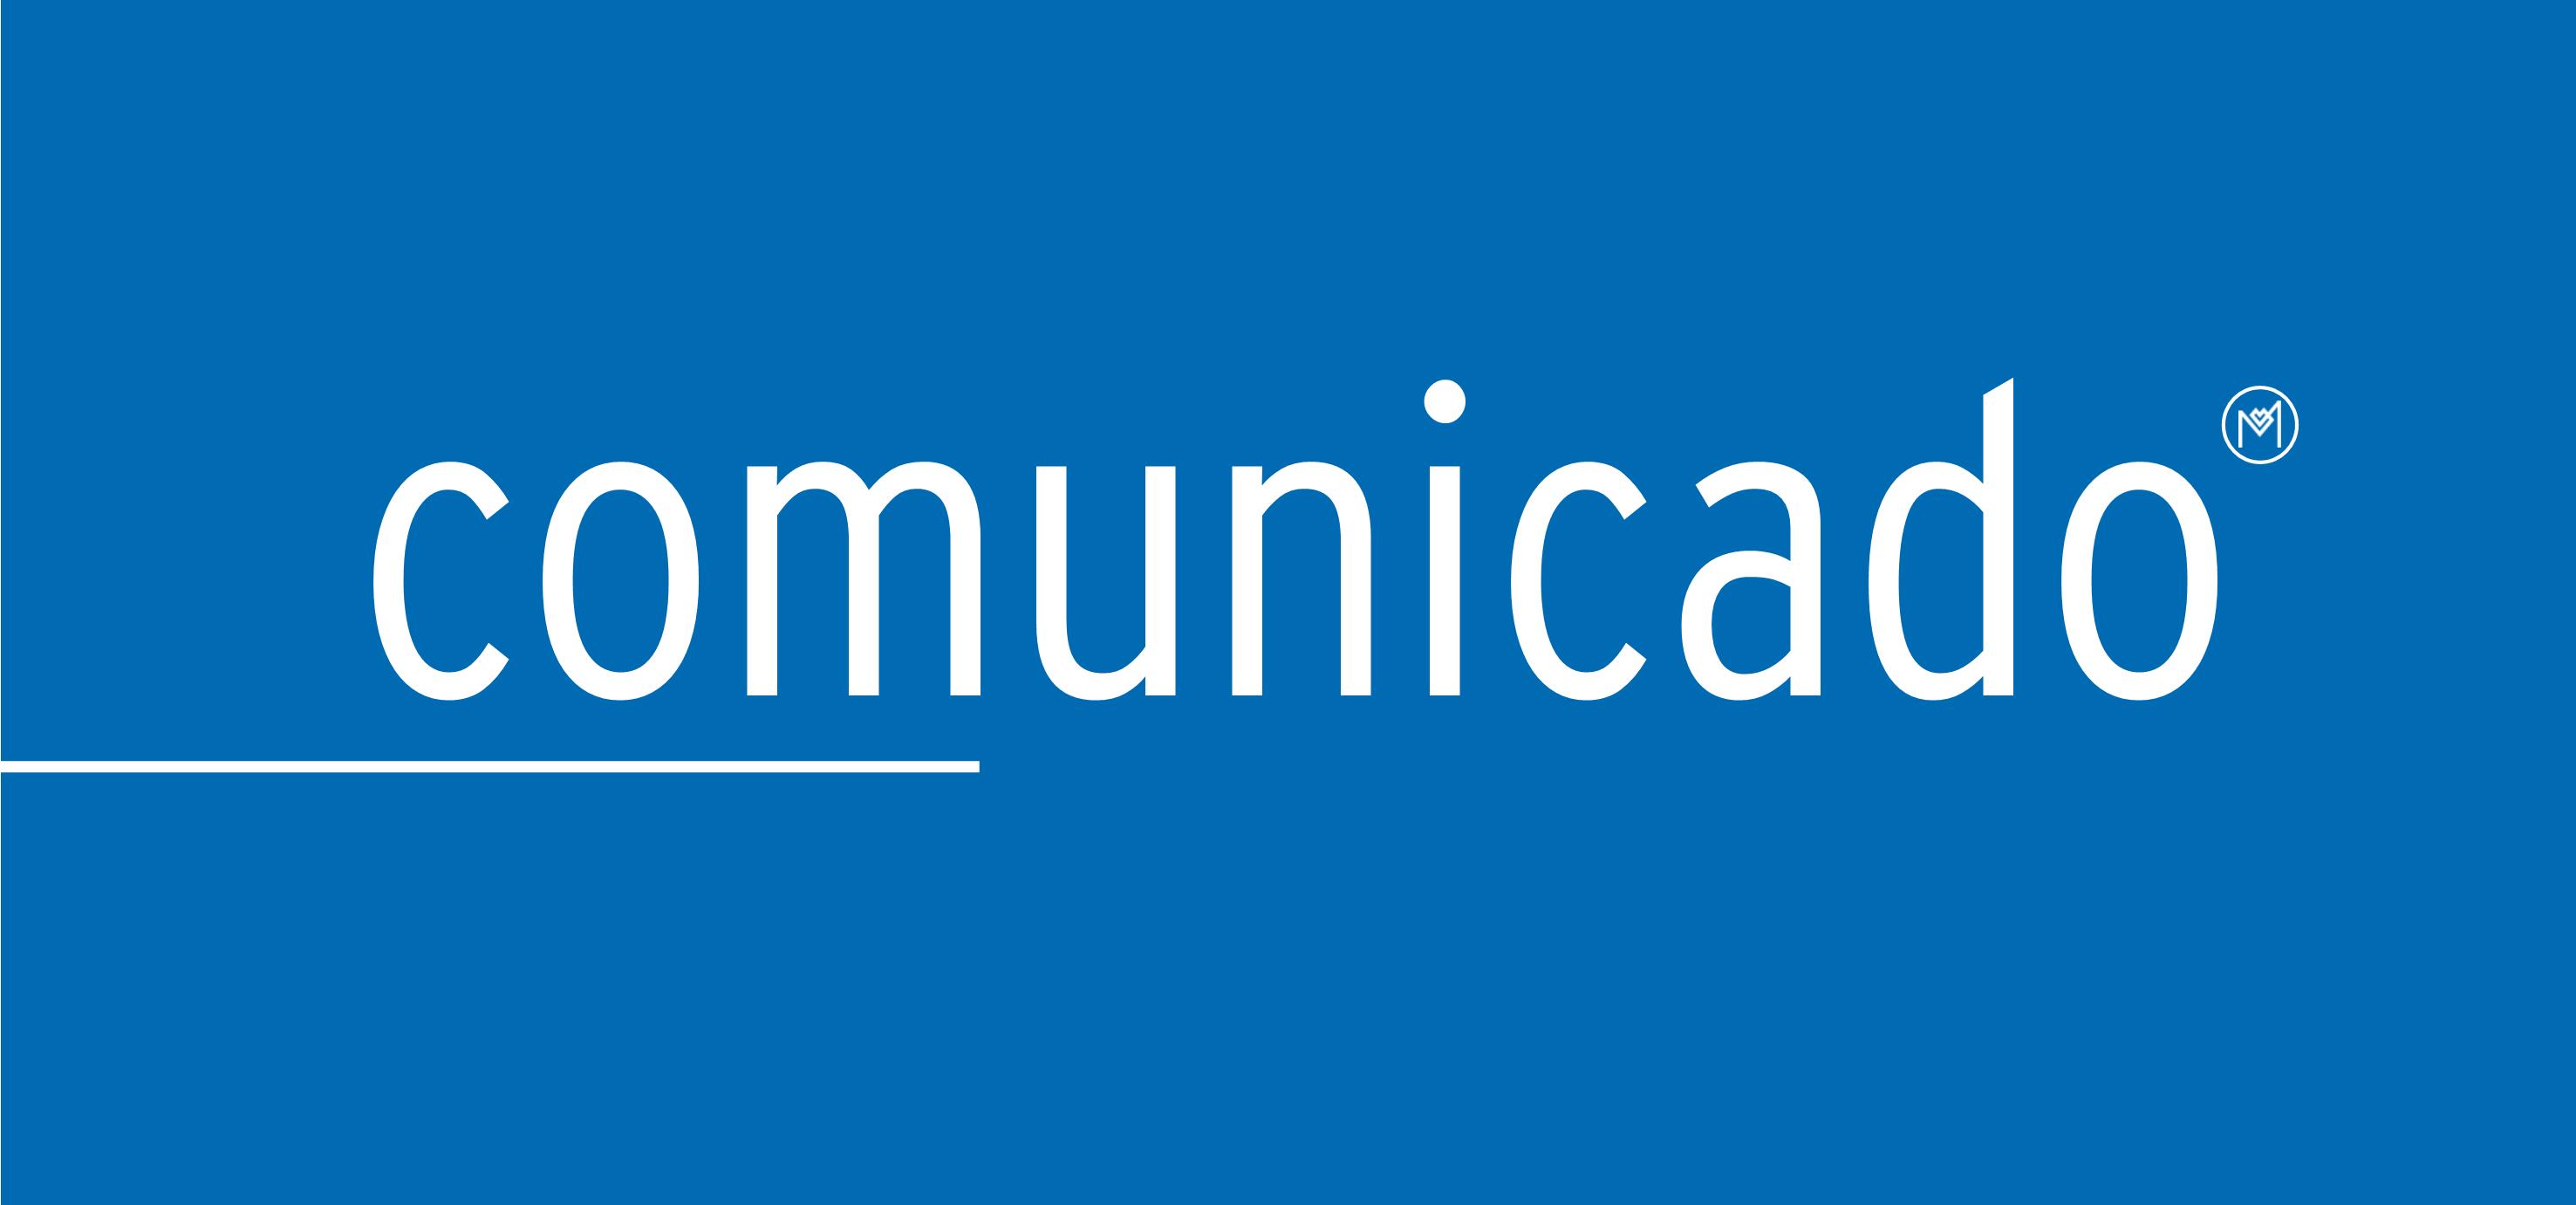 https://www.scmp.pt/assets/misc/img/Instituicao/Comunicado/Comunicado%20MP.png